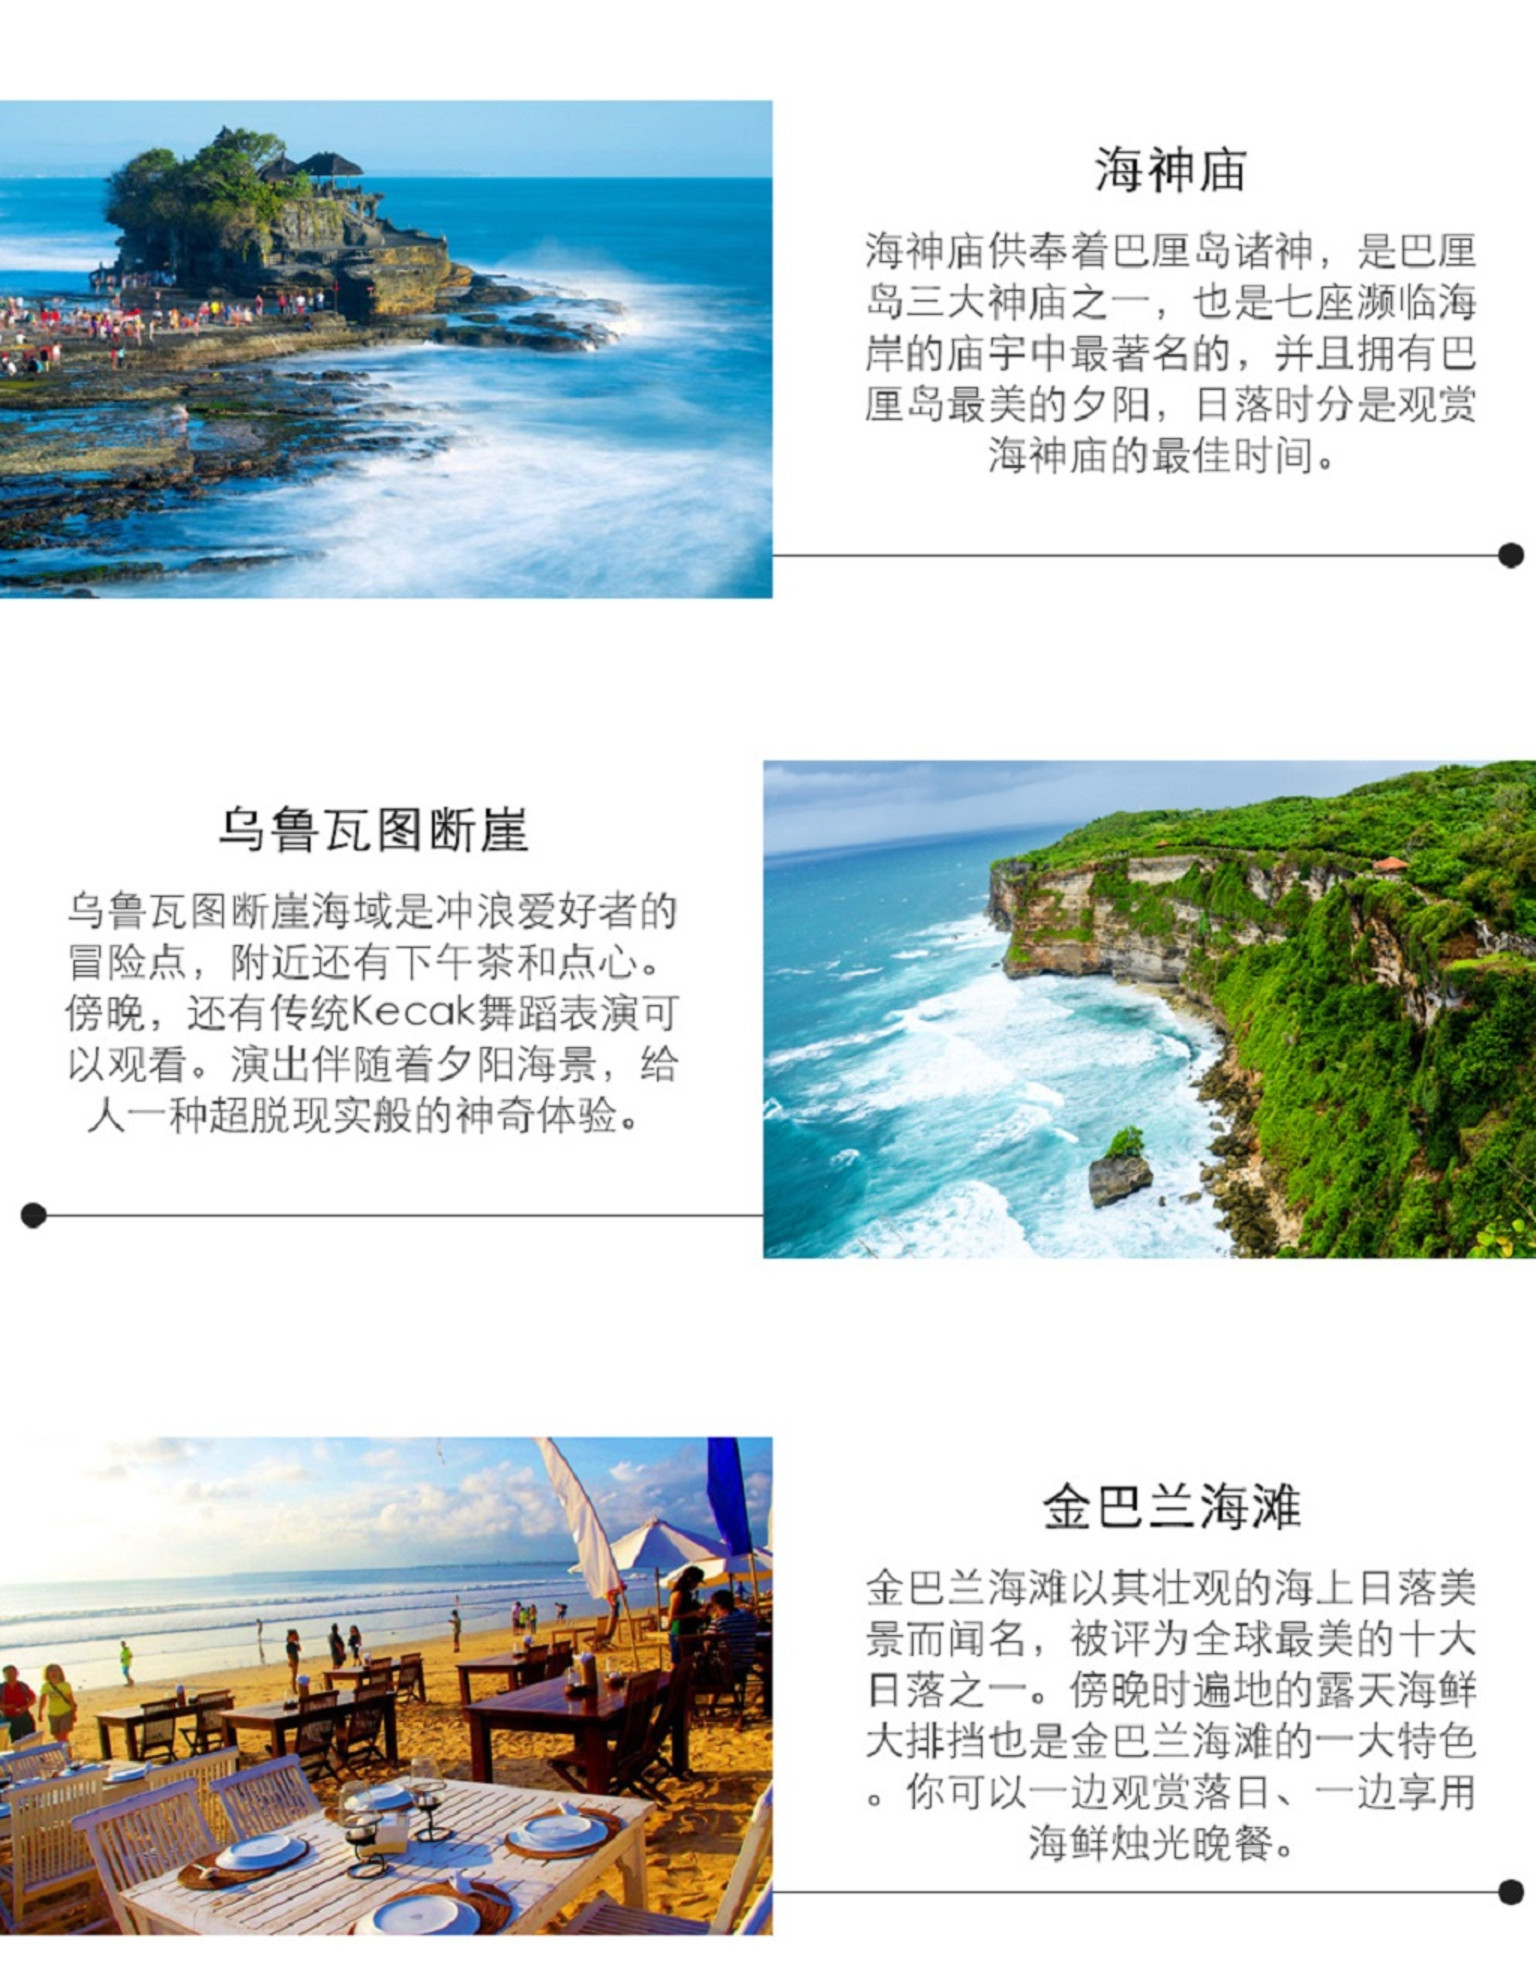 蓝梦岛&潘妮达出海离岛一日游 常用酒店介绍: 巴厘岛勒吉安斯通万豪傲